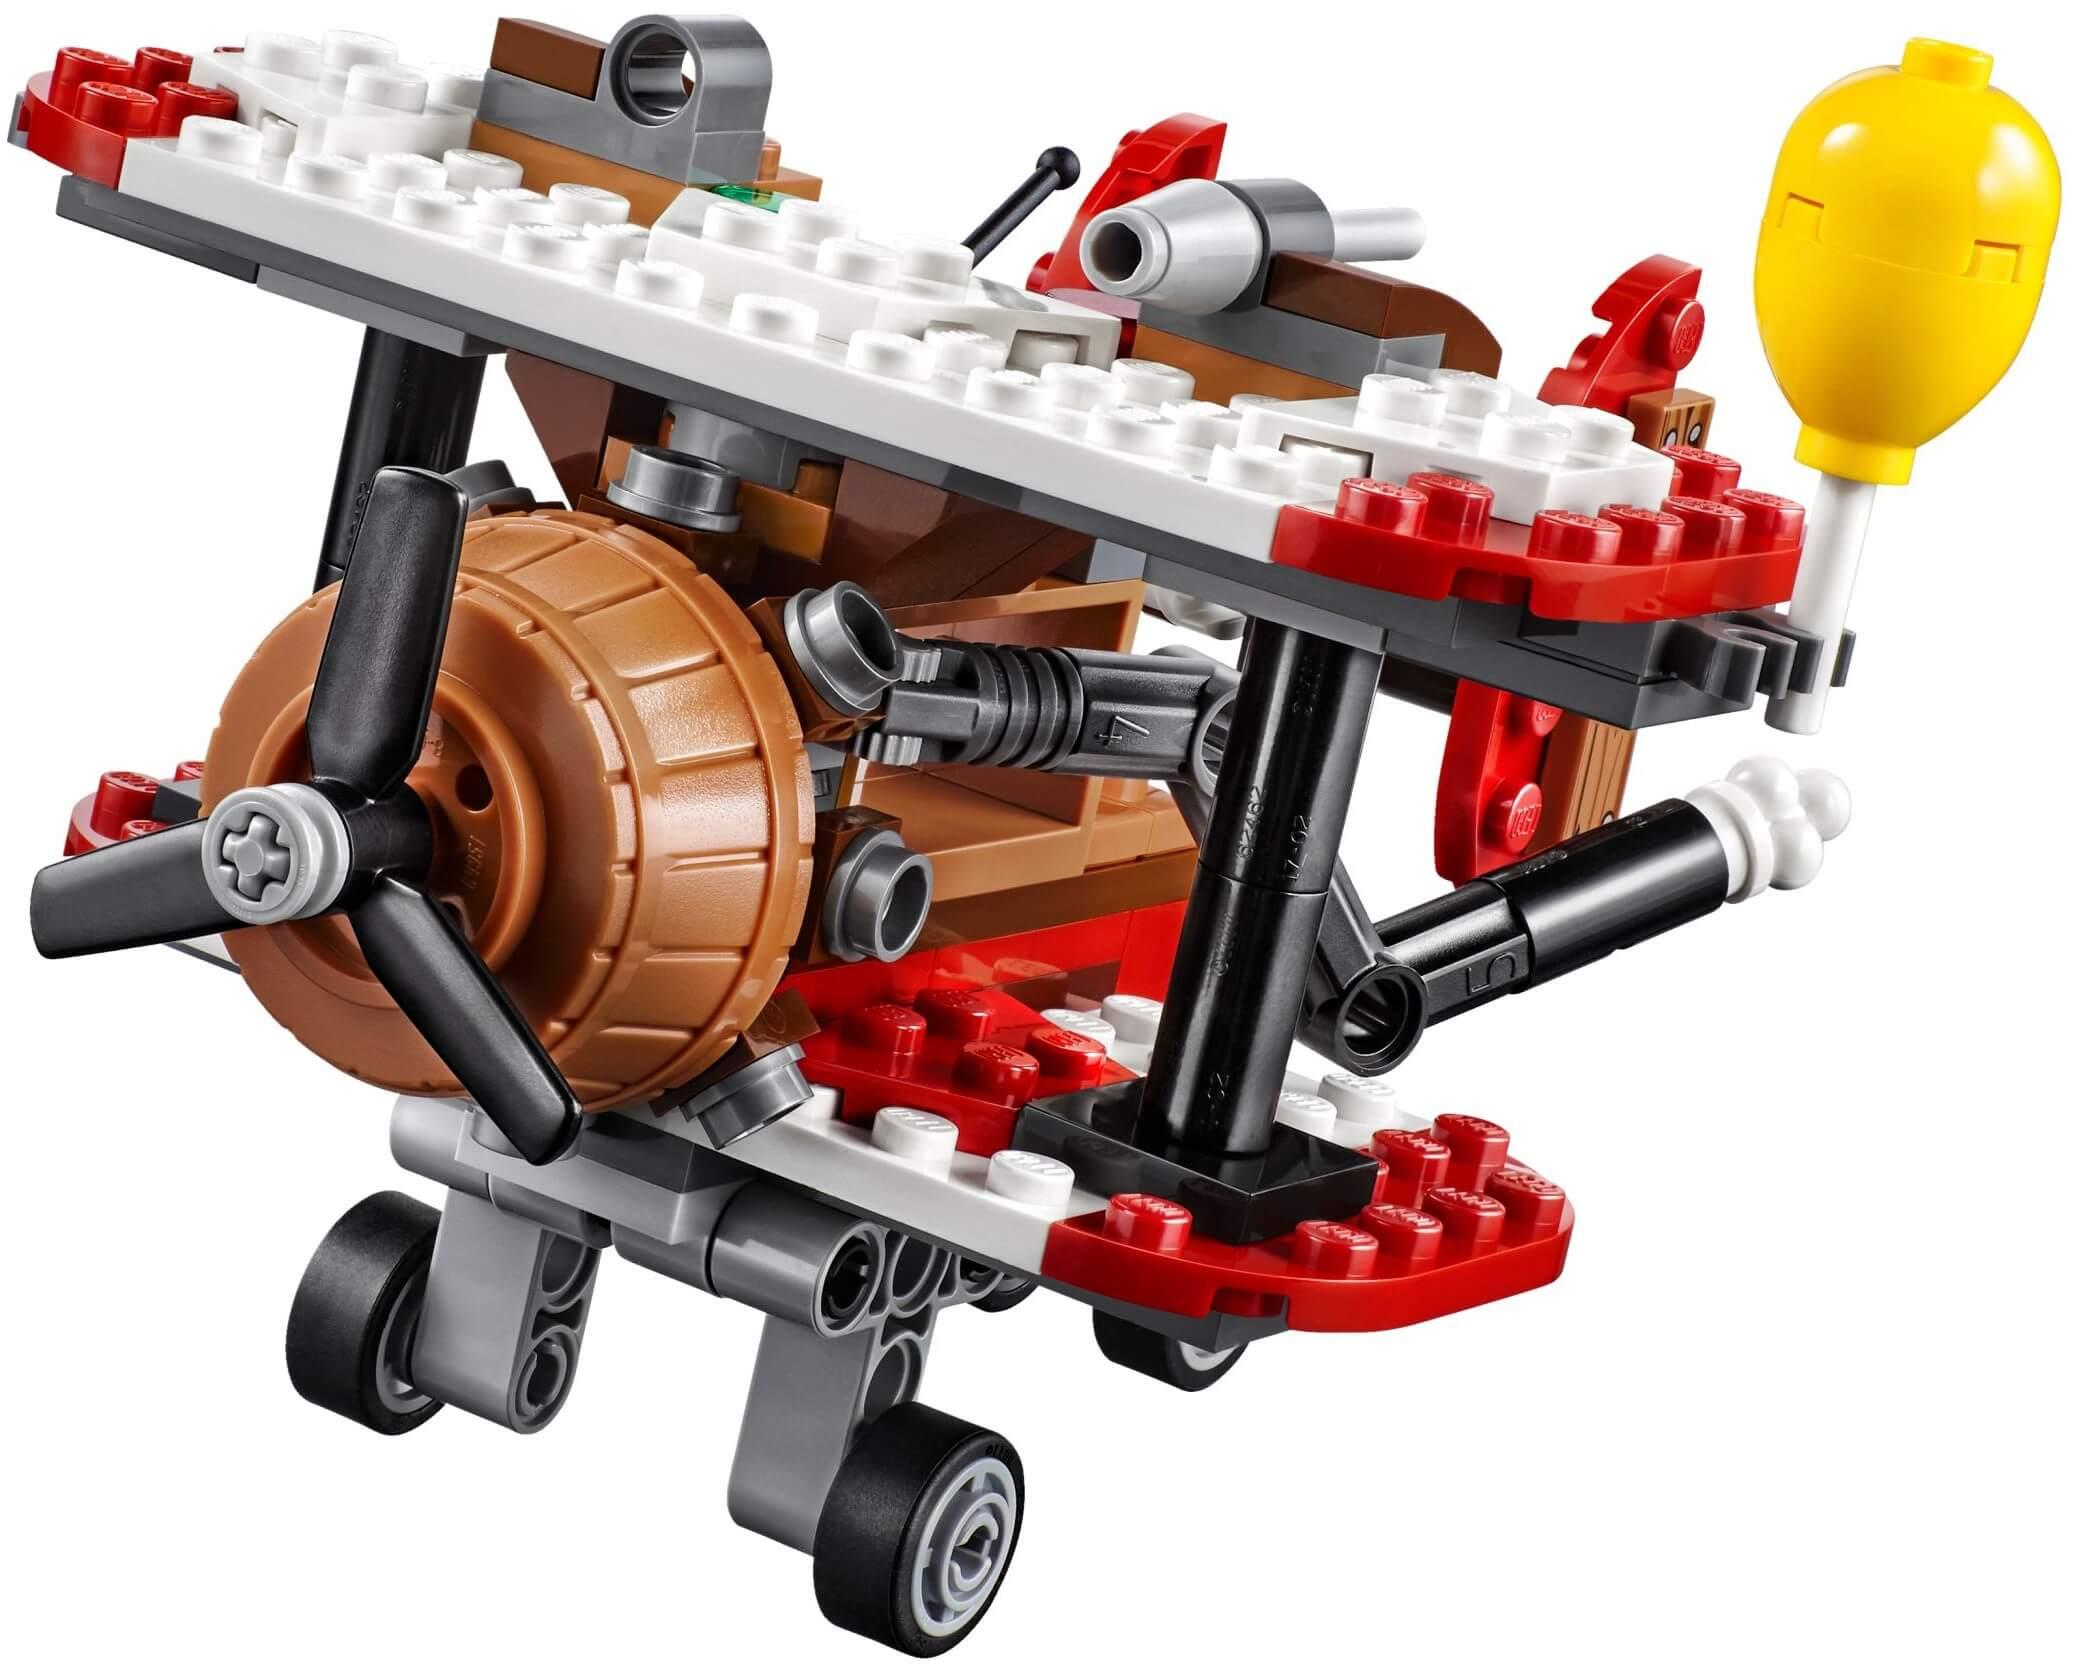 Mua đồ chơi LEGO 75822 - LEGO Angry Birds 75822 - Máy Bay Lợn Tấn Công (LEGO Angry Birds Piggy Plane Attack 75822)